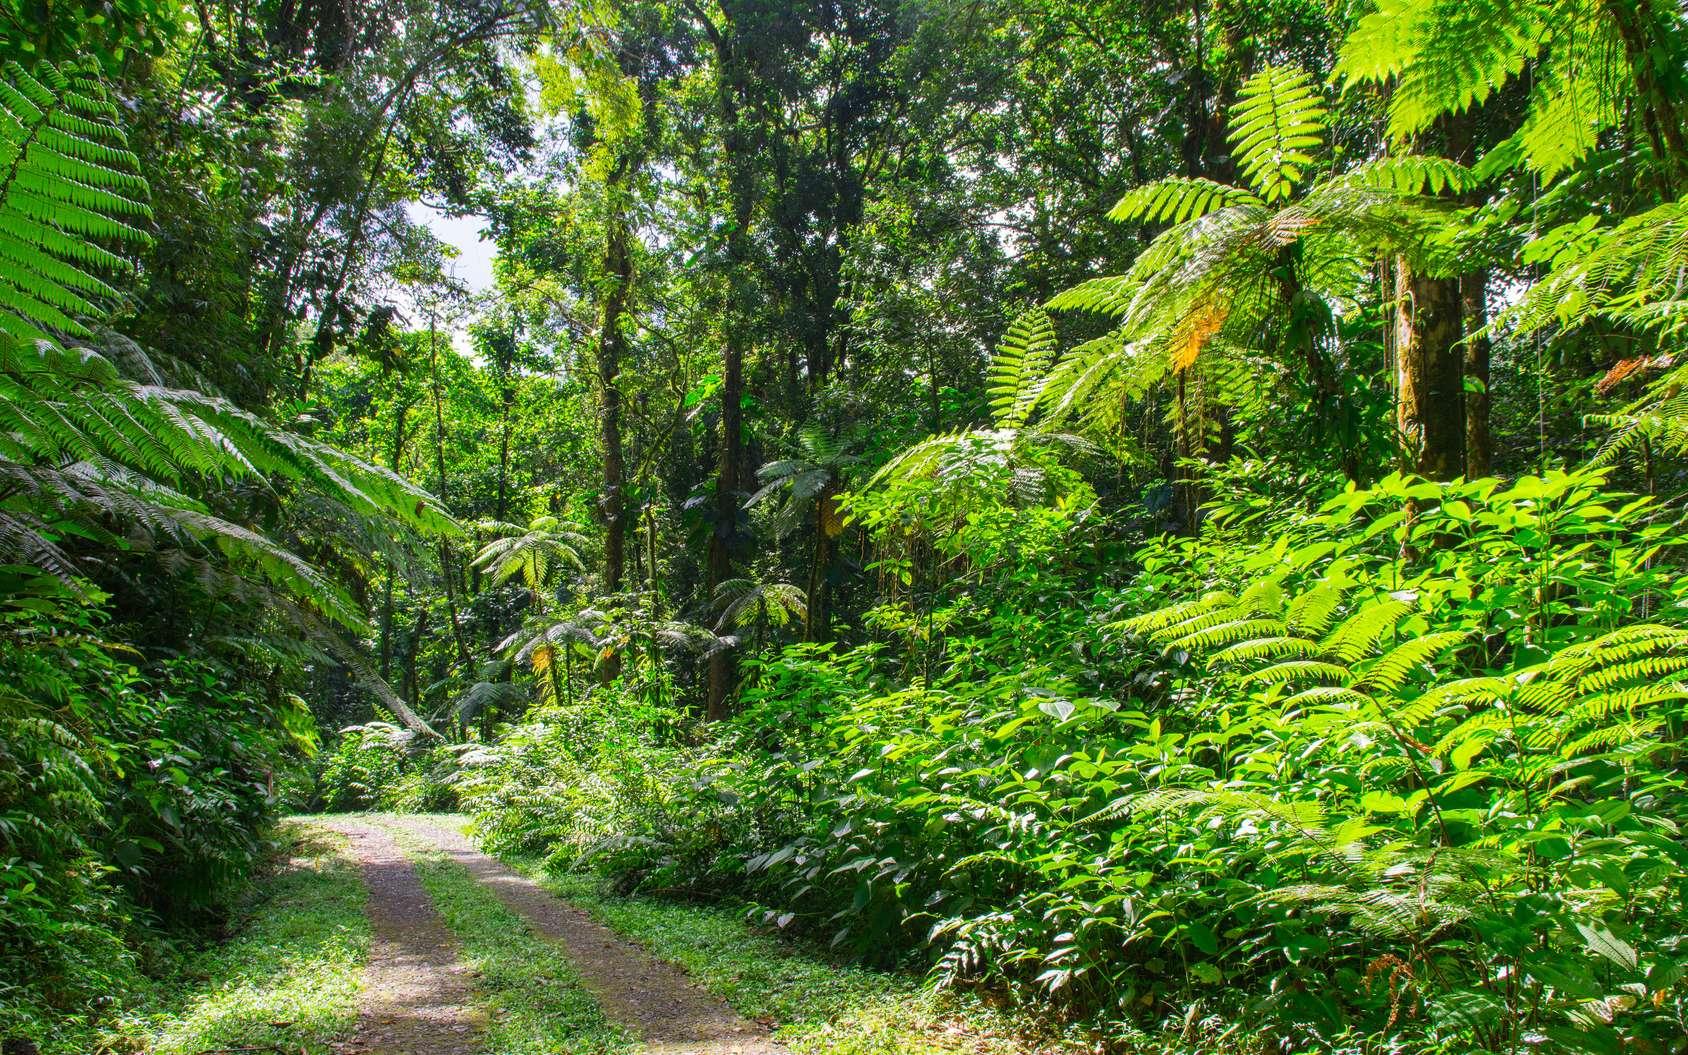 Par les traces « sentiers balisés » du Parc national de la Guadeloupe... © Nicolas, Fotolia